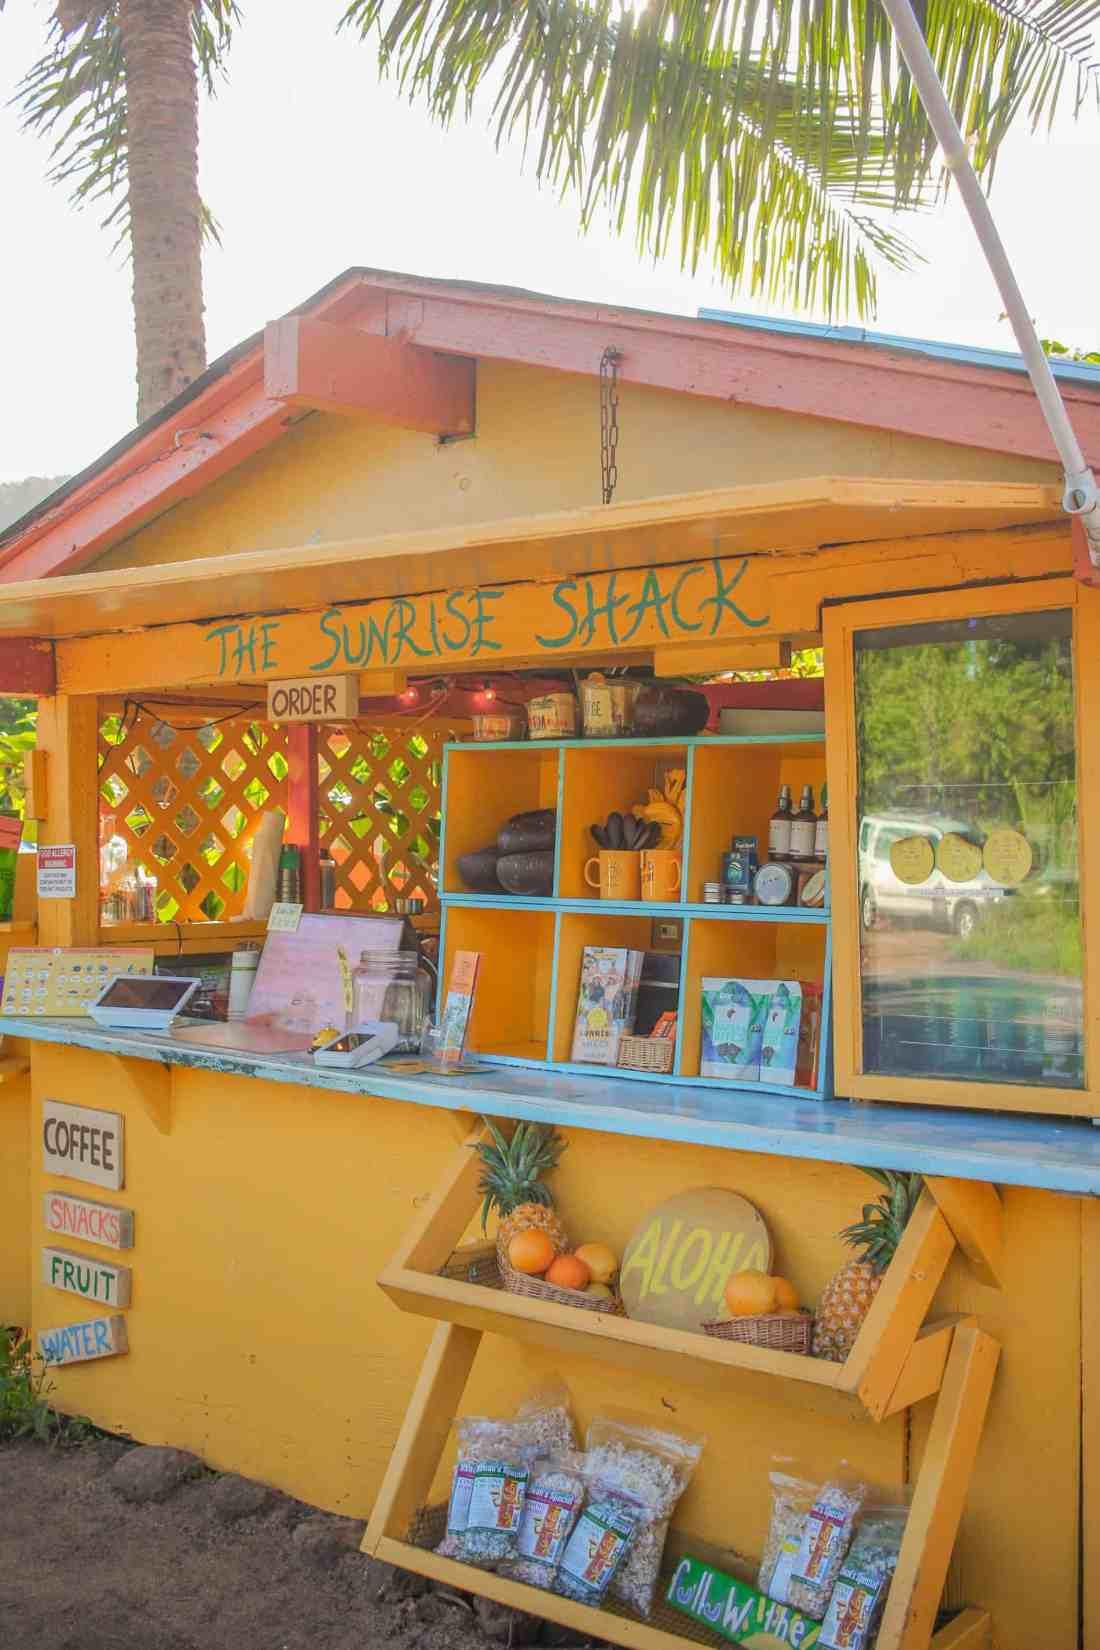 sunrise shack in oahu hawaii